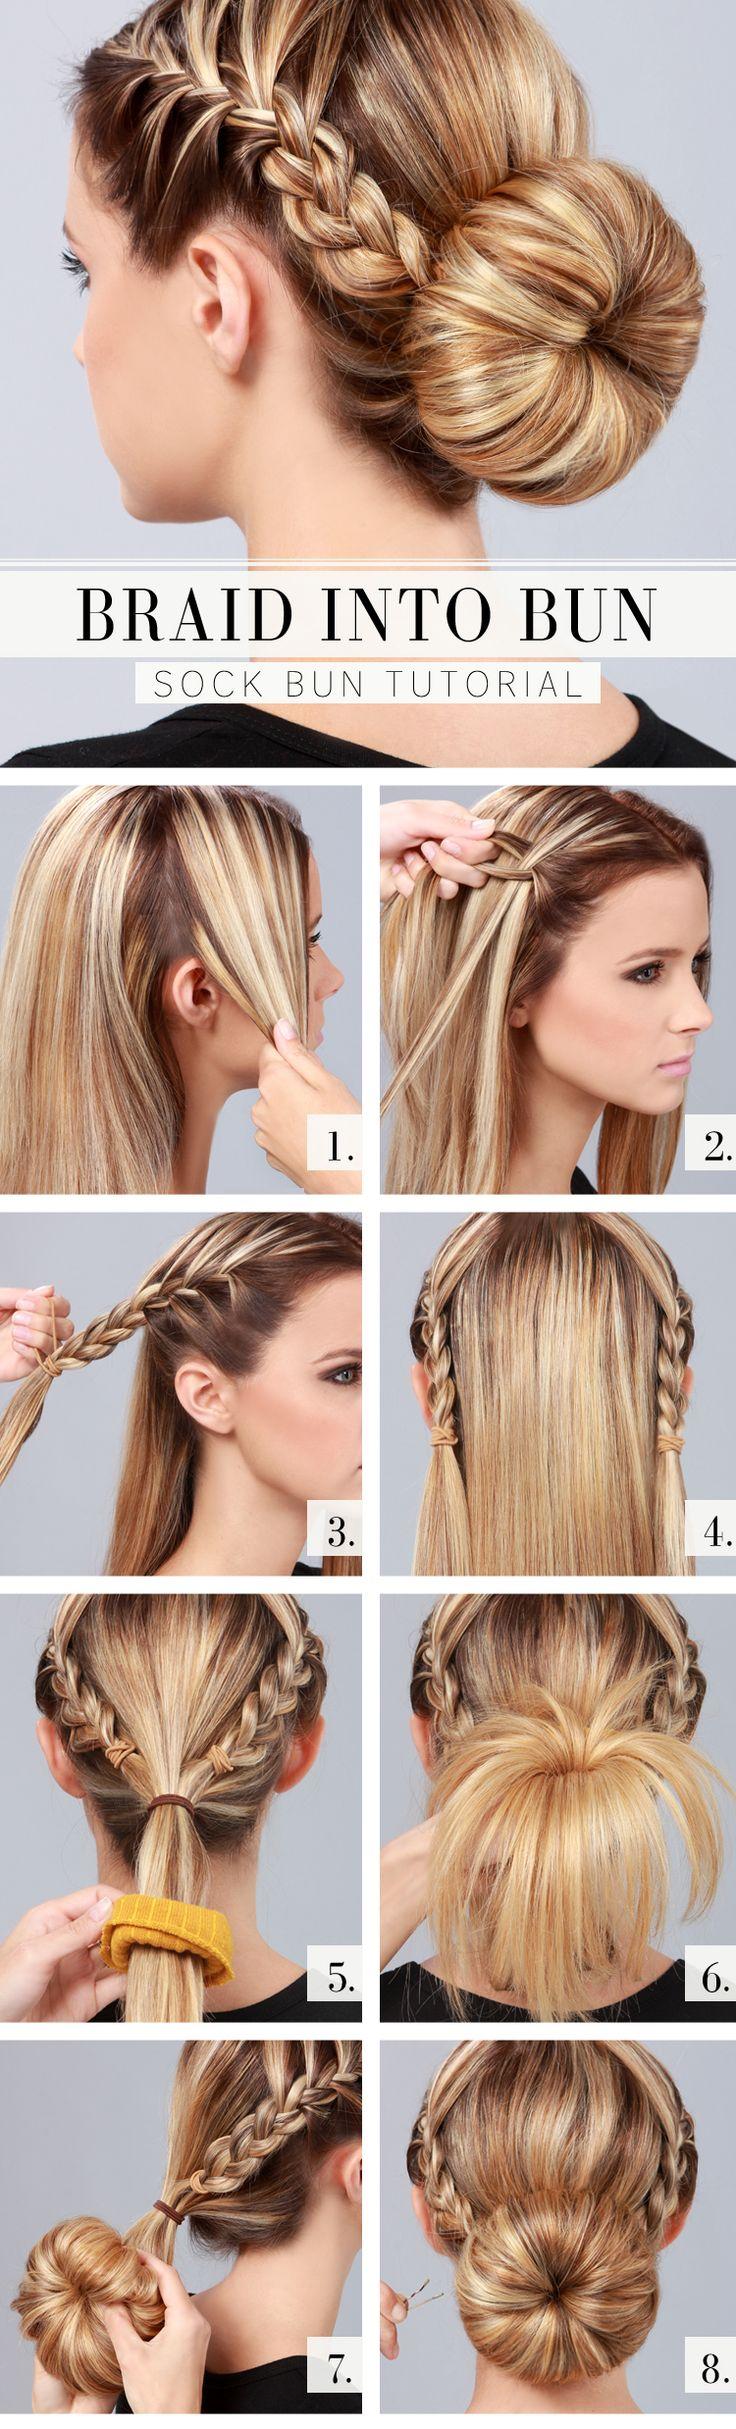 penteado coque rosquinha tranca tutorial   Mais moda feminina aqui ----> www.modaevangelicaexecutiva.com